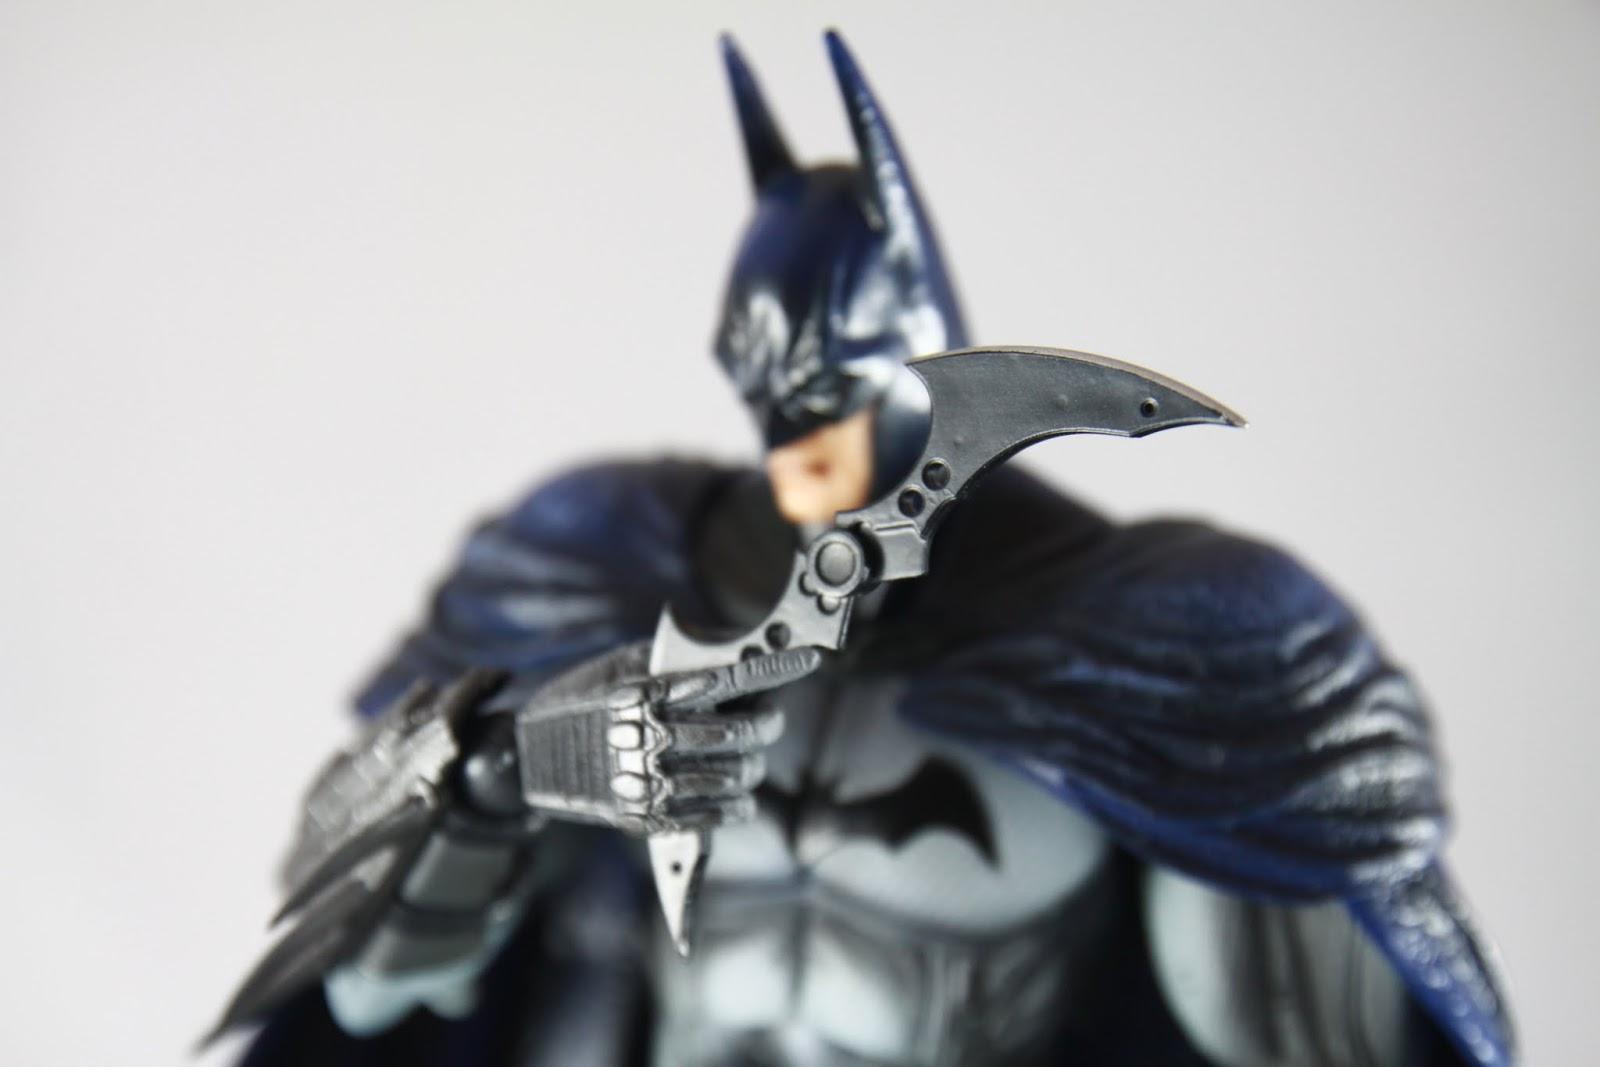 定番拿蝙蝠標的姿勢 話說相簿裡每組蝙蝠俠都是拿蝙蝠標的照片當封面~ 標本身倒是造型沒有更動